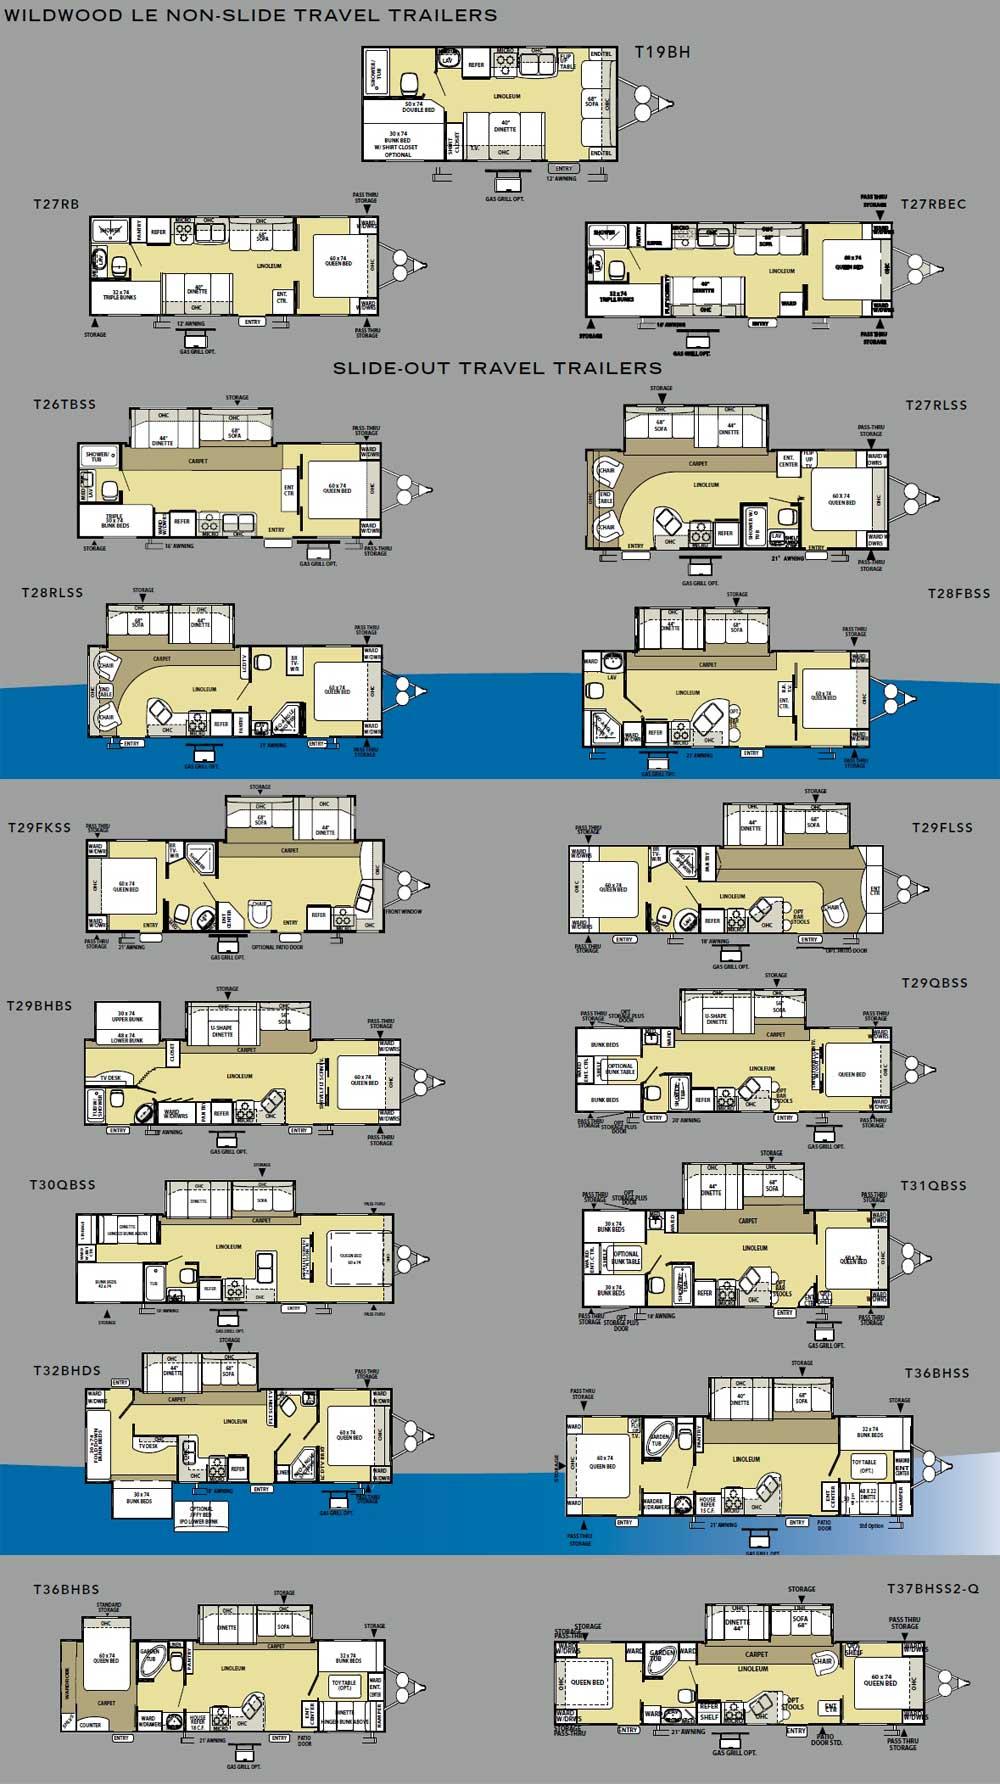 keystone cougar plumbing diagram  keystone  get free image